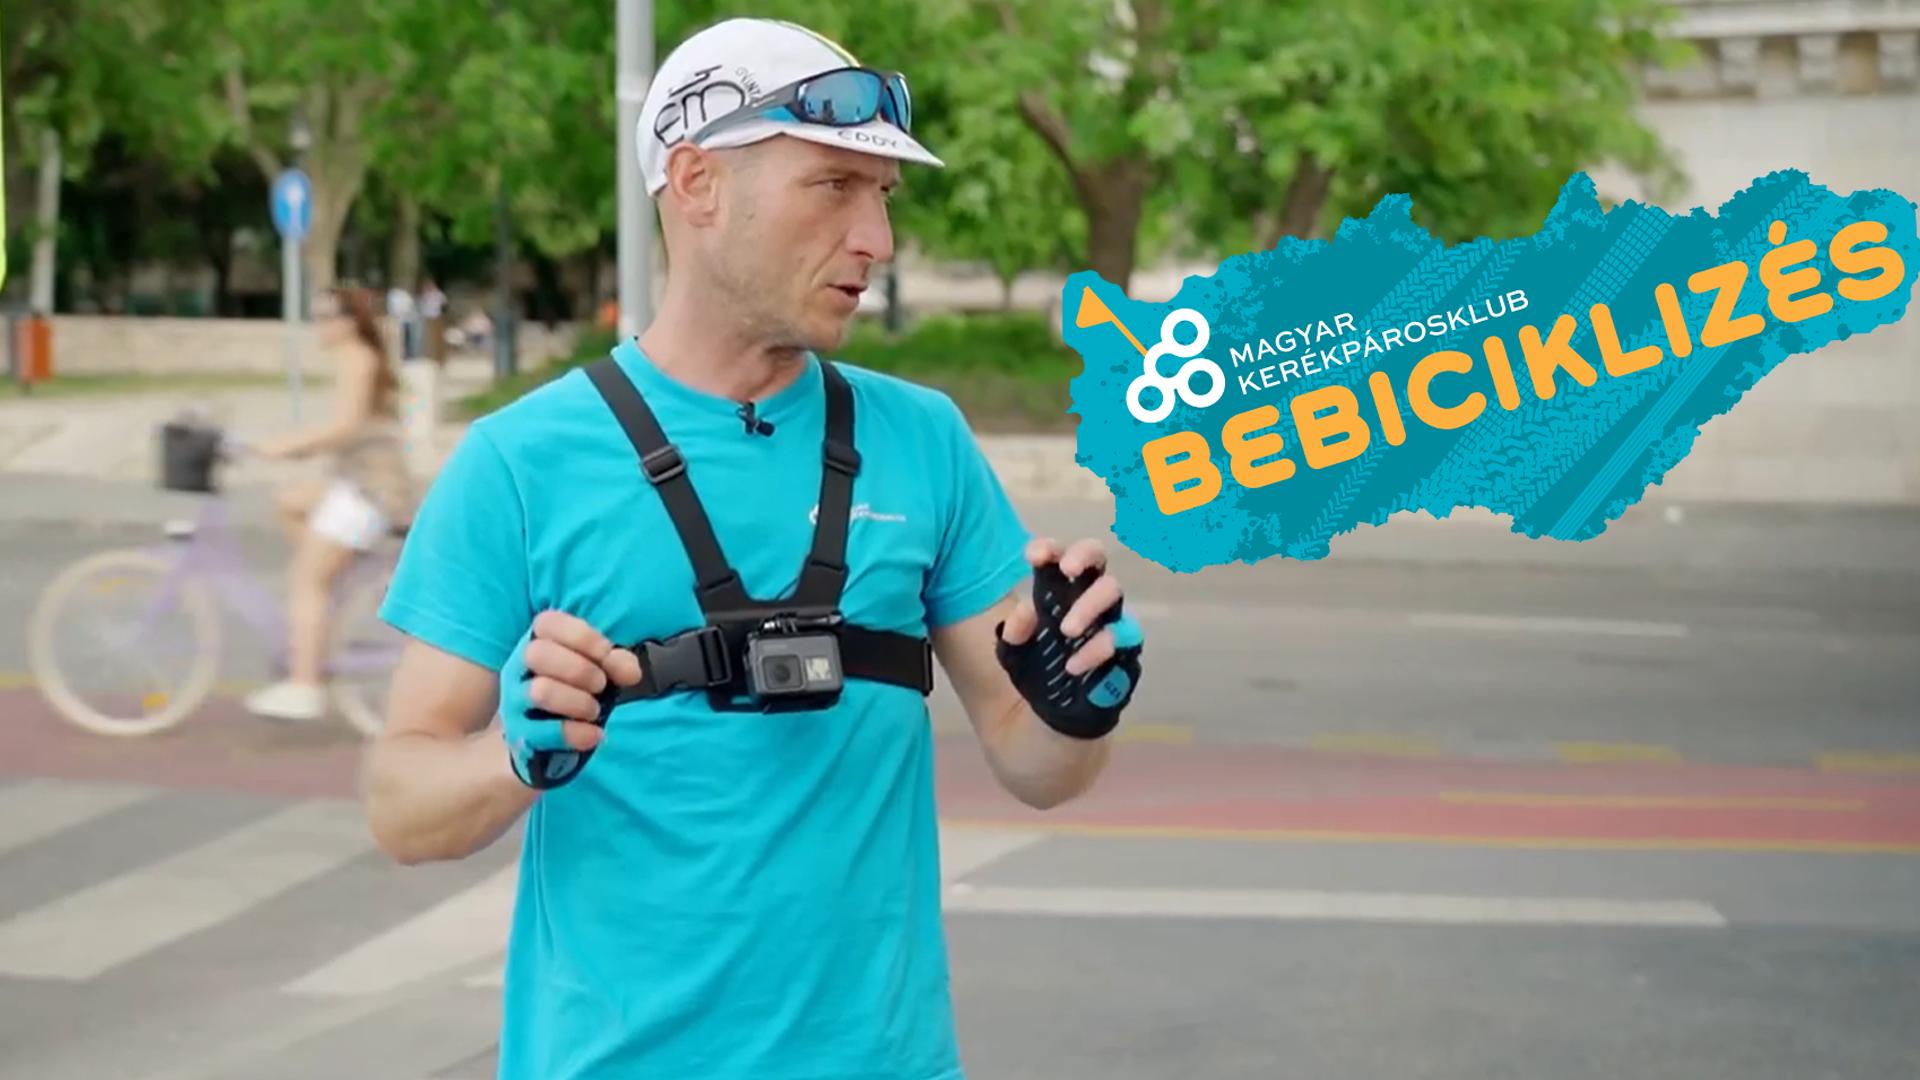 Virtuális Bebiciklizés: Videós és térképes tanácsok a forgalomban kerékpározáshoz